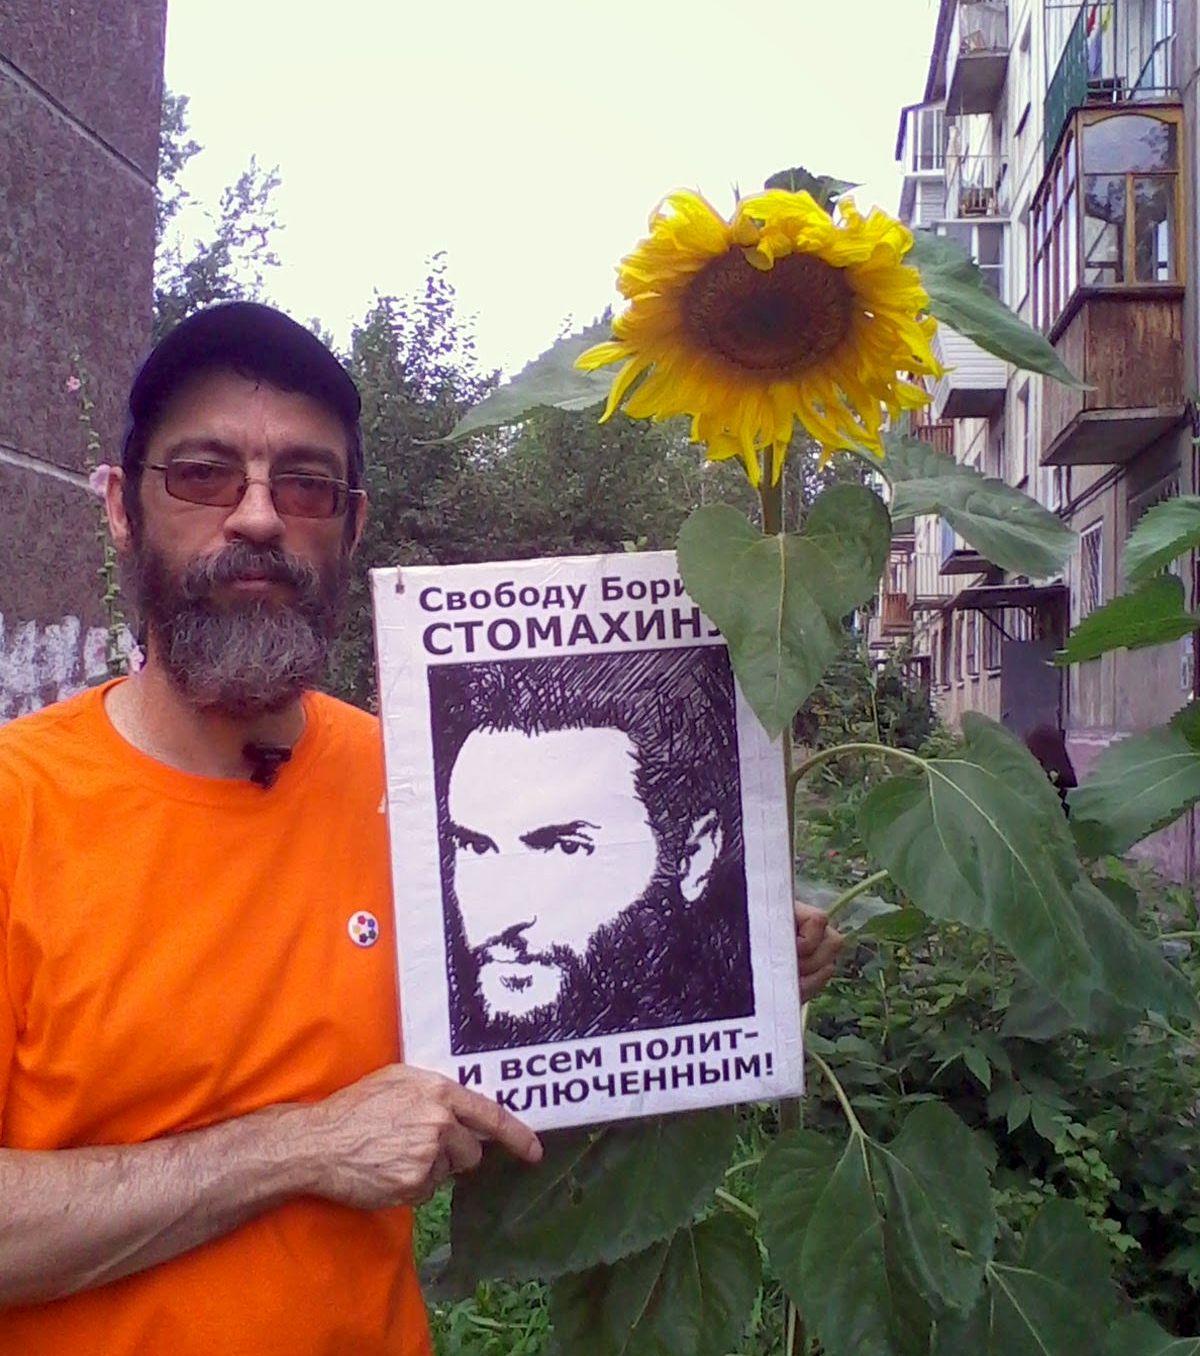 Виктор Корб на Газоне Корба делает селфи к Всемирному Дню Стомахина